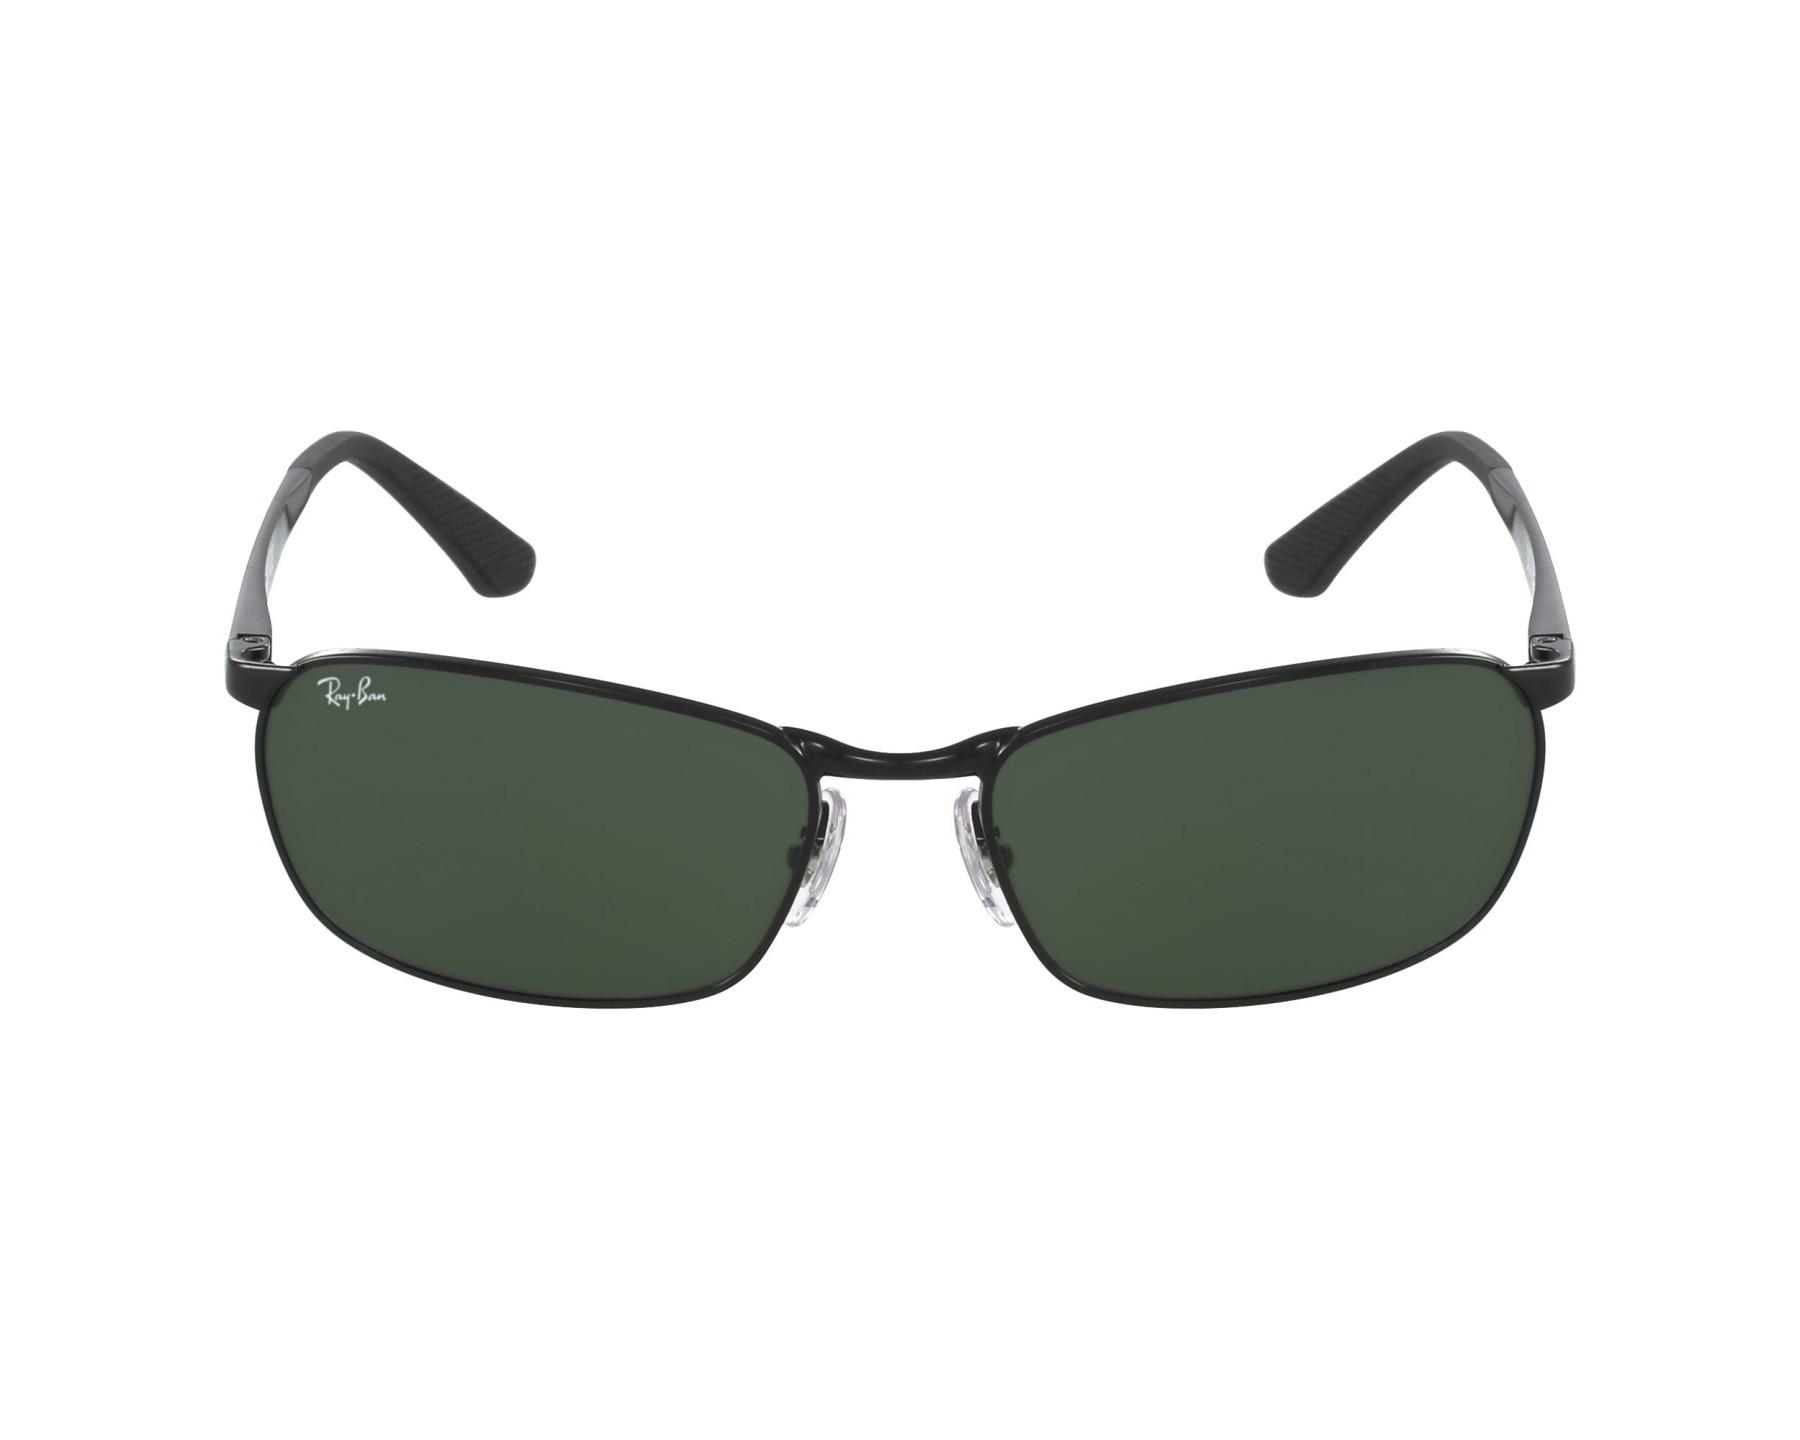 fdd9f159e2 Sunglasses Ray-Ban RB-3534 002 - Black profile view